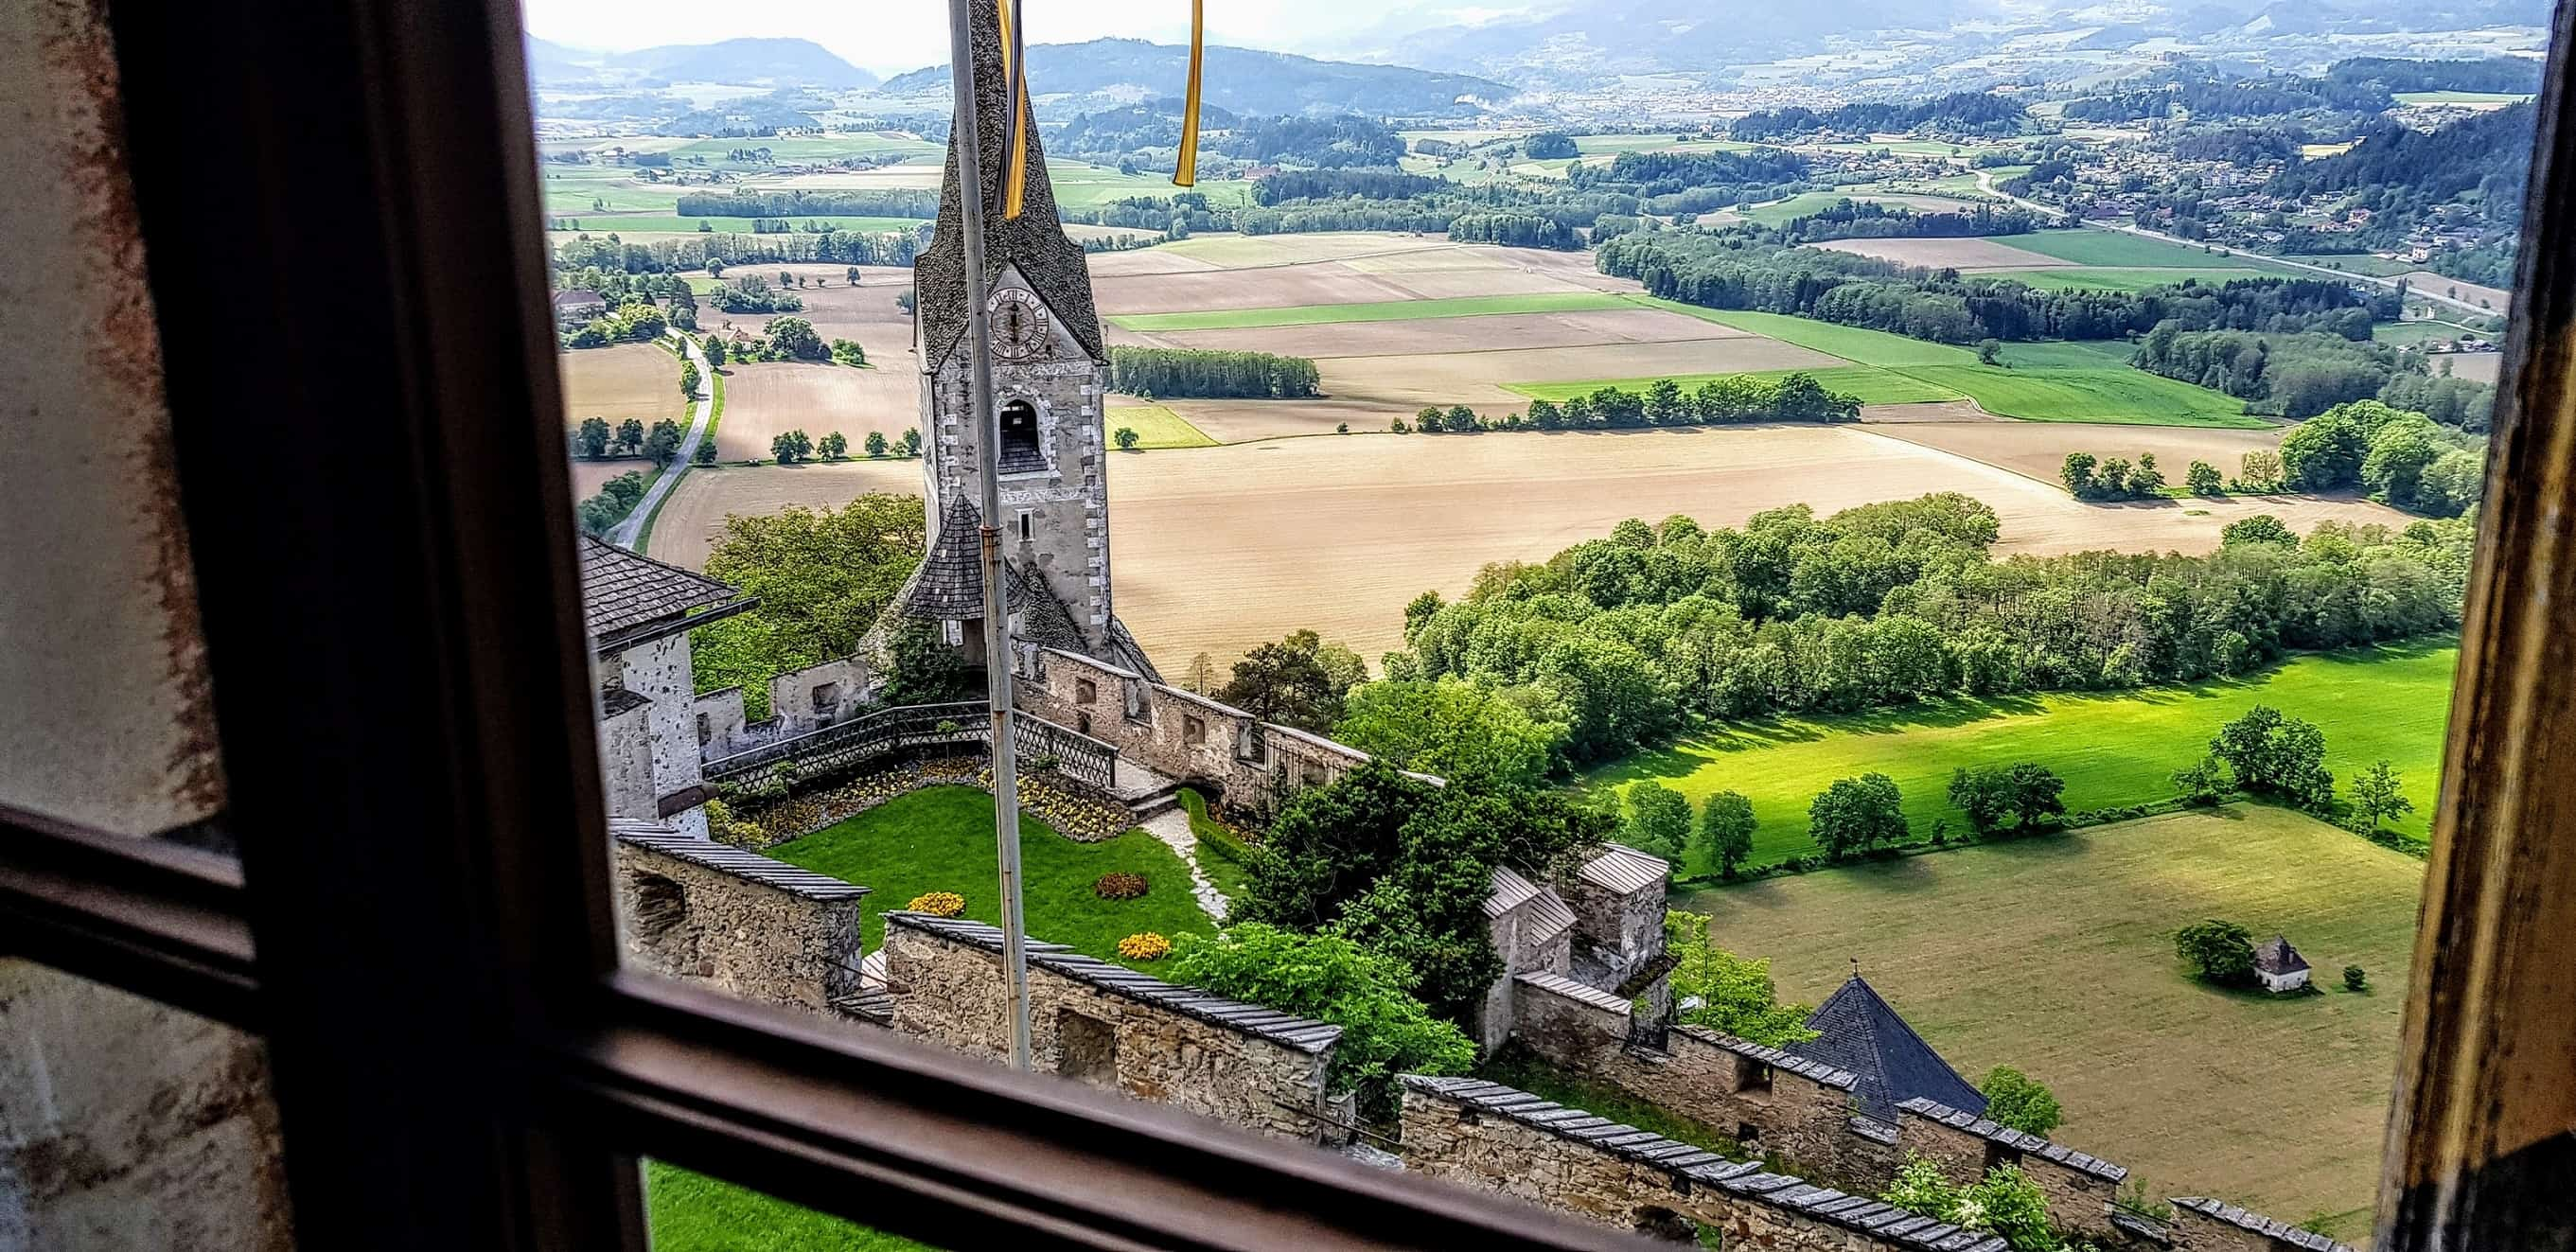 Museum Burg Hochosterwitz Kärntnen Blick auf Burgkirche und Landschaft - Ausflugsziele mit Kindern in Kärnten